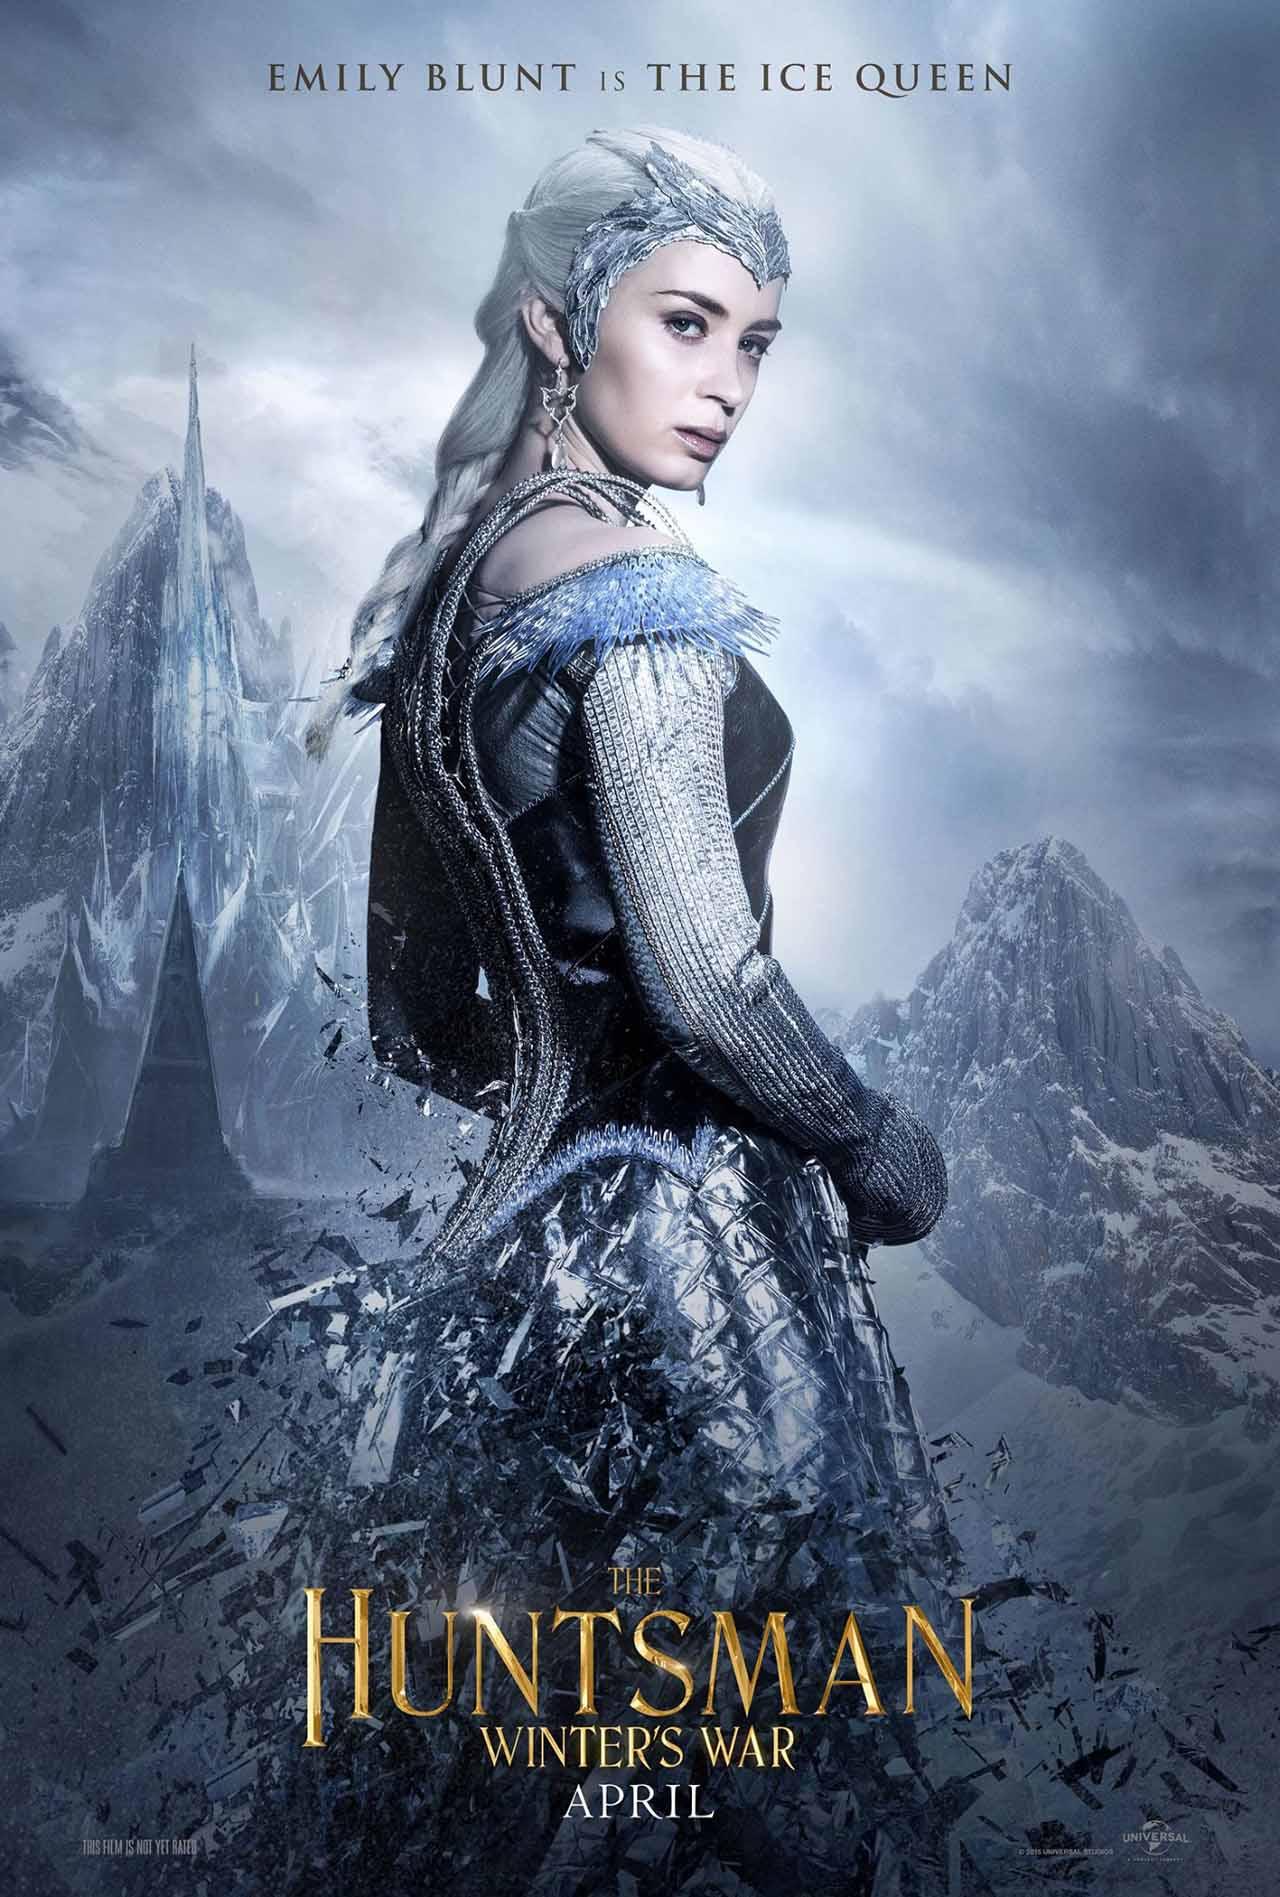 The Huntsman Winter's War: il character poster dedicato al personaggio di Emily Blunt